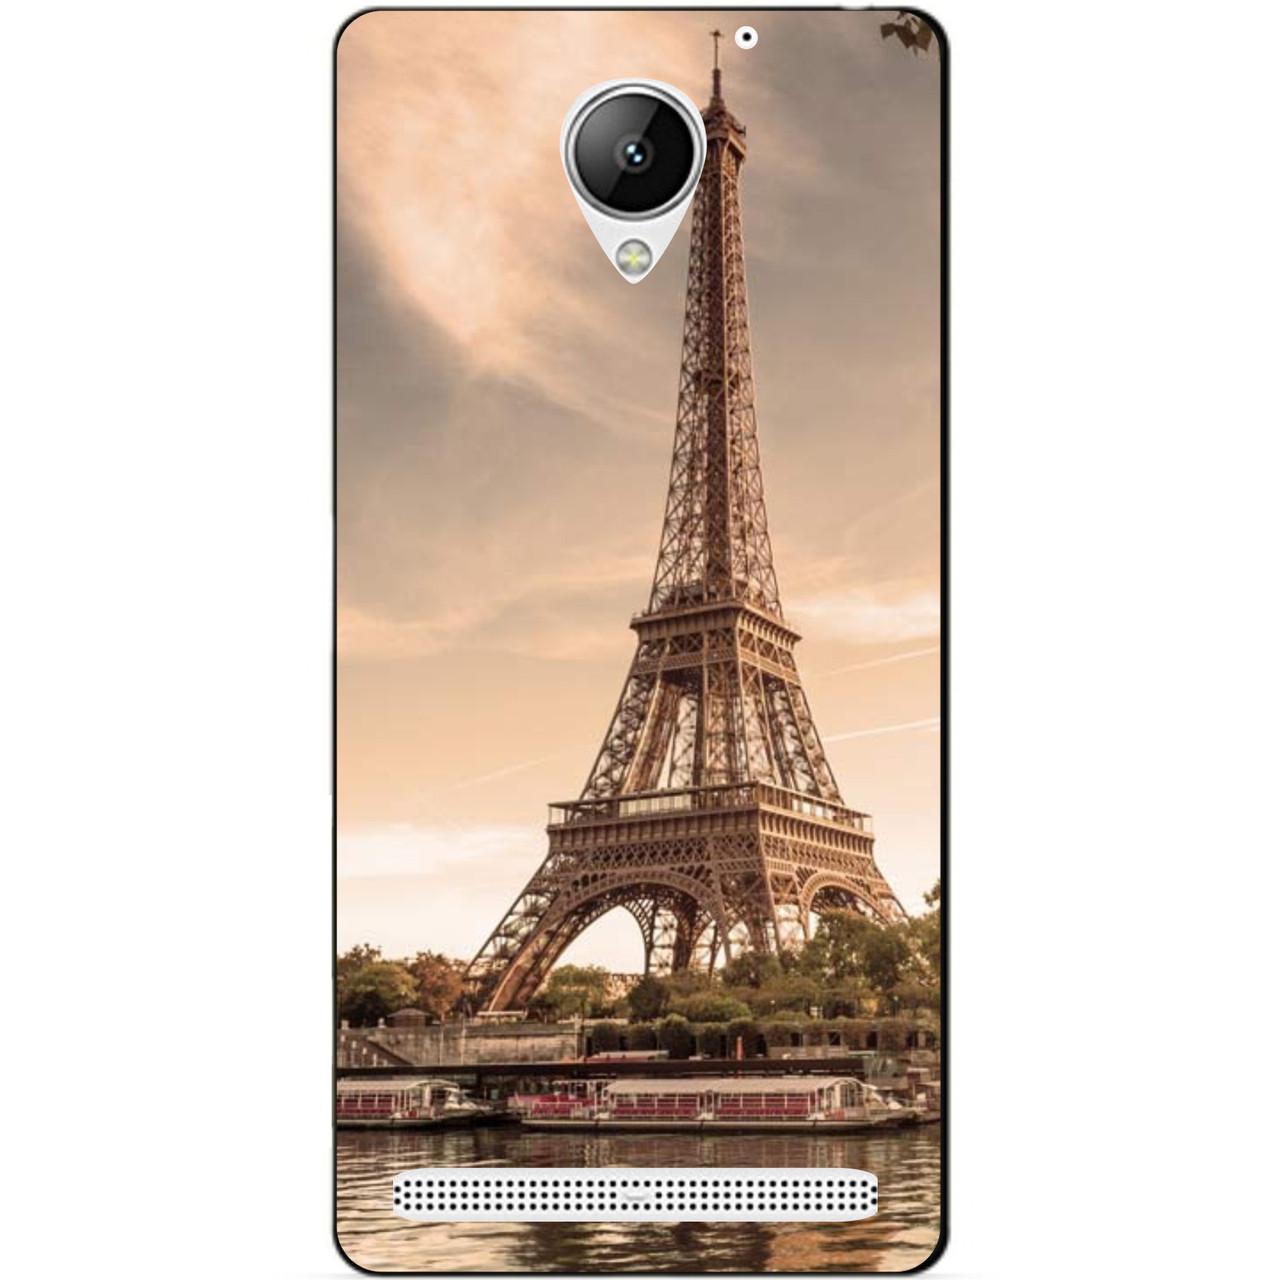 Силиконовый чехол бампер для Lenovo Vibe C2 k10a40 с рисунком Париж